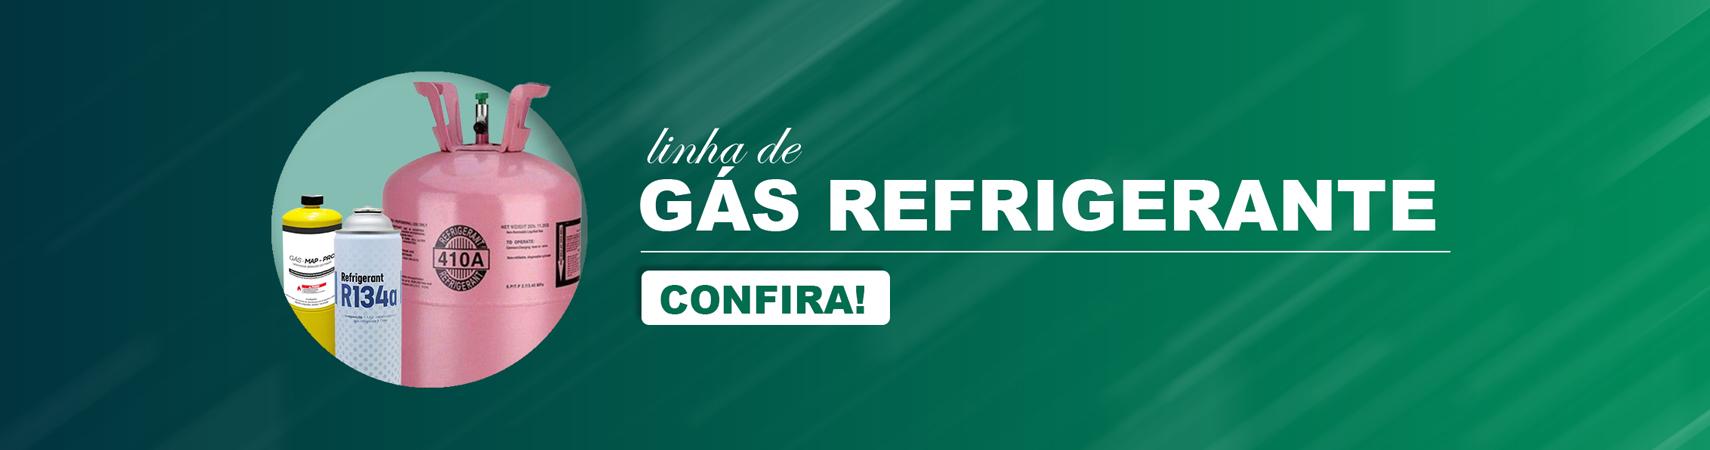 Linha de gás refrigerante